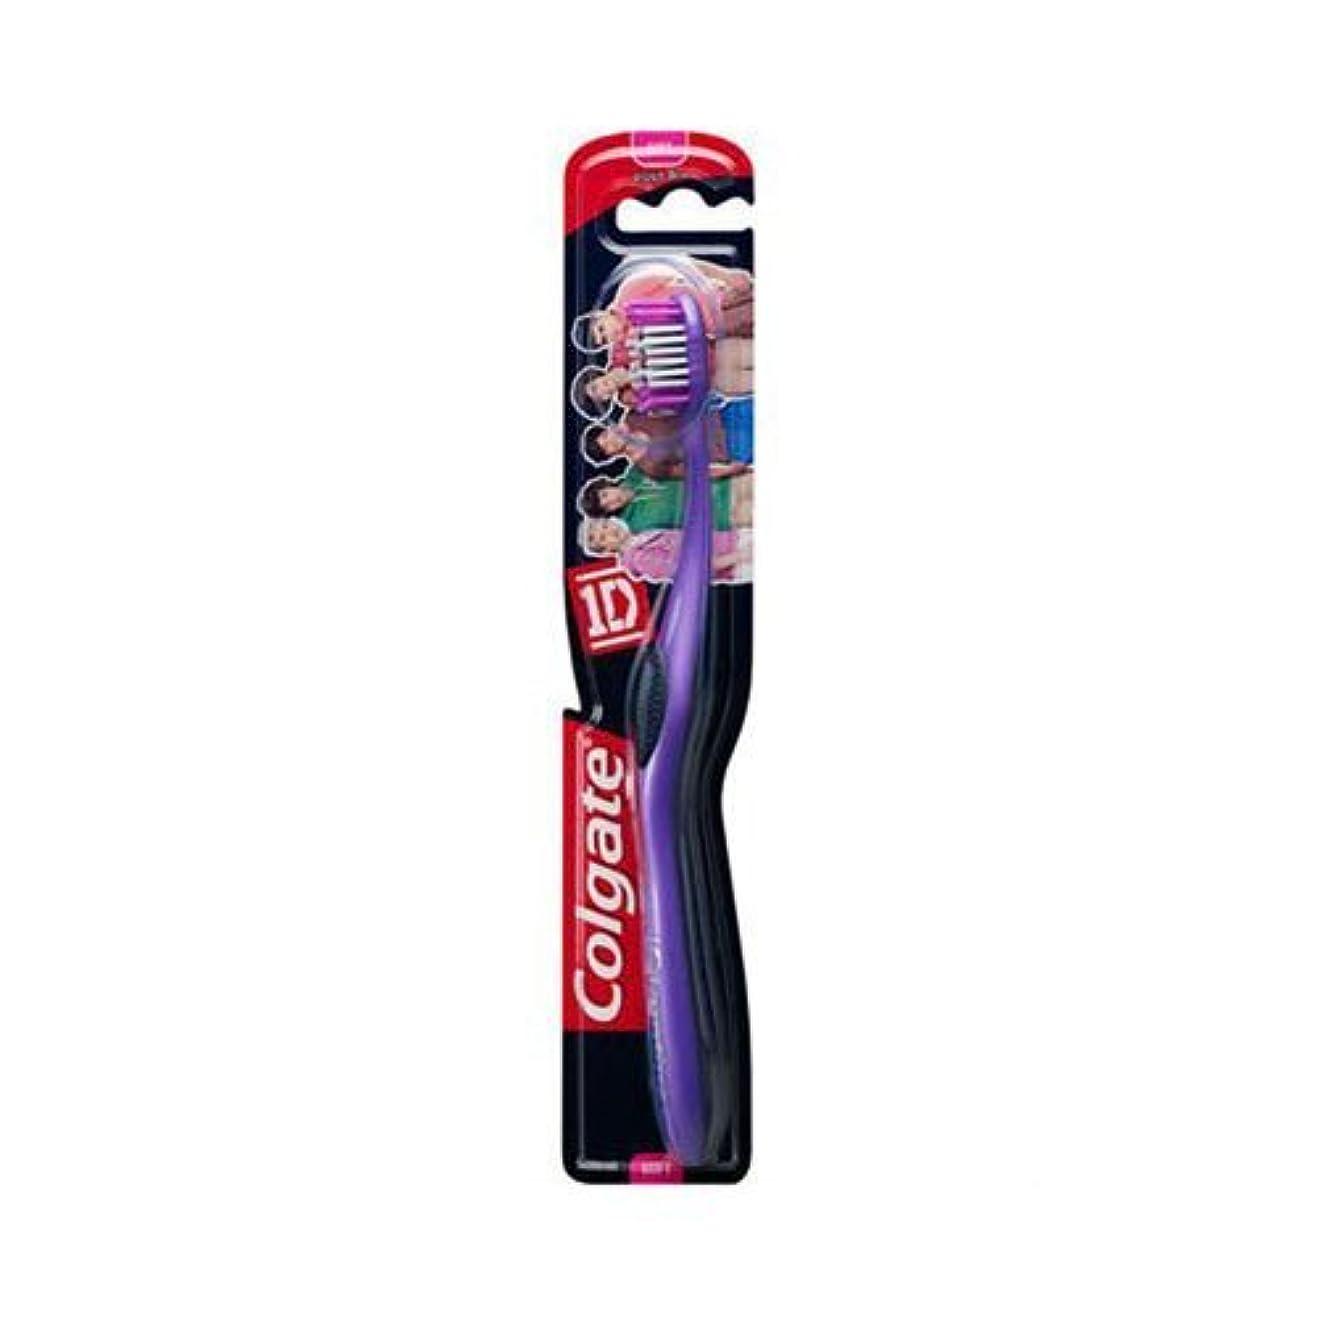 はちみつシロクマ脚本家Colgate 1d (One Direction) Maxfresh Soft Toothbrush Age 8+ by Colgate [並行輸入品]